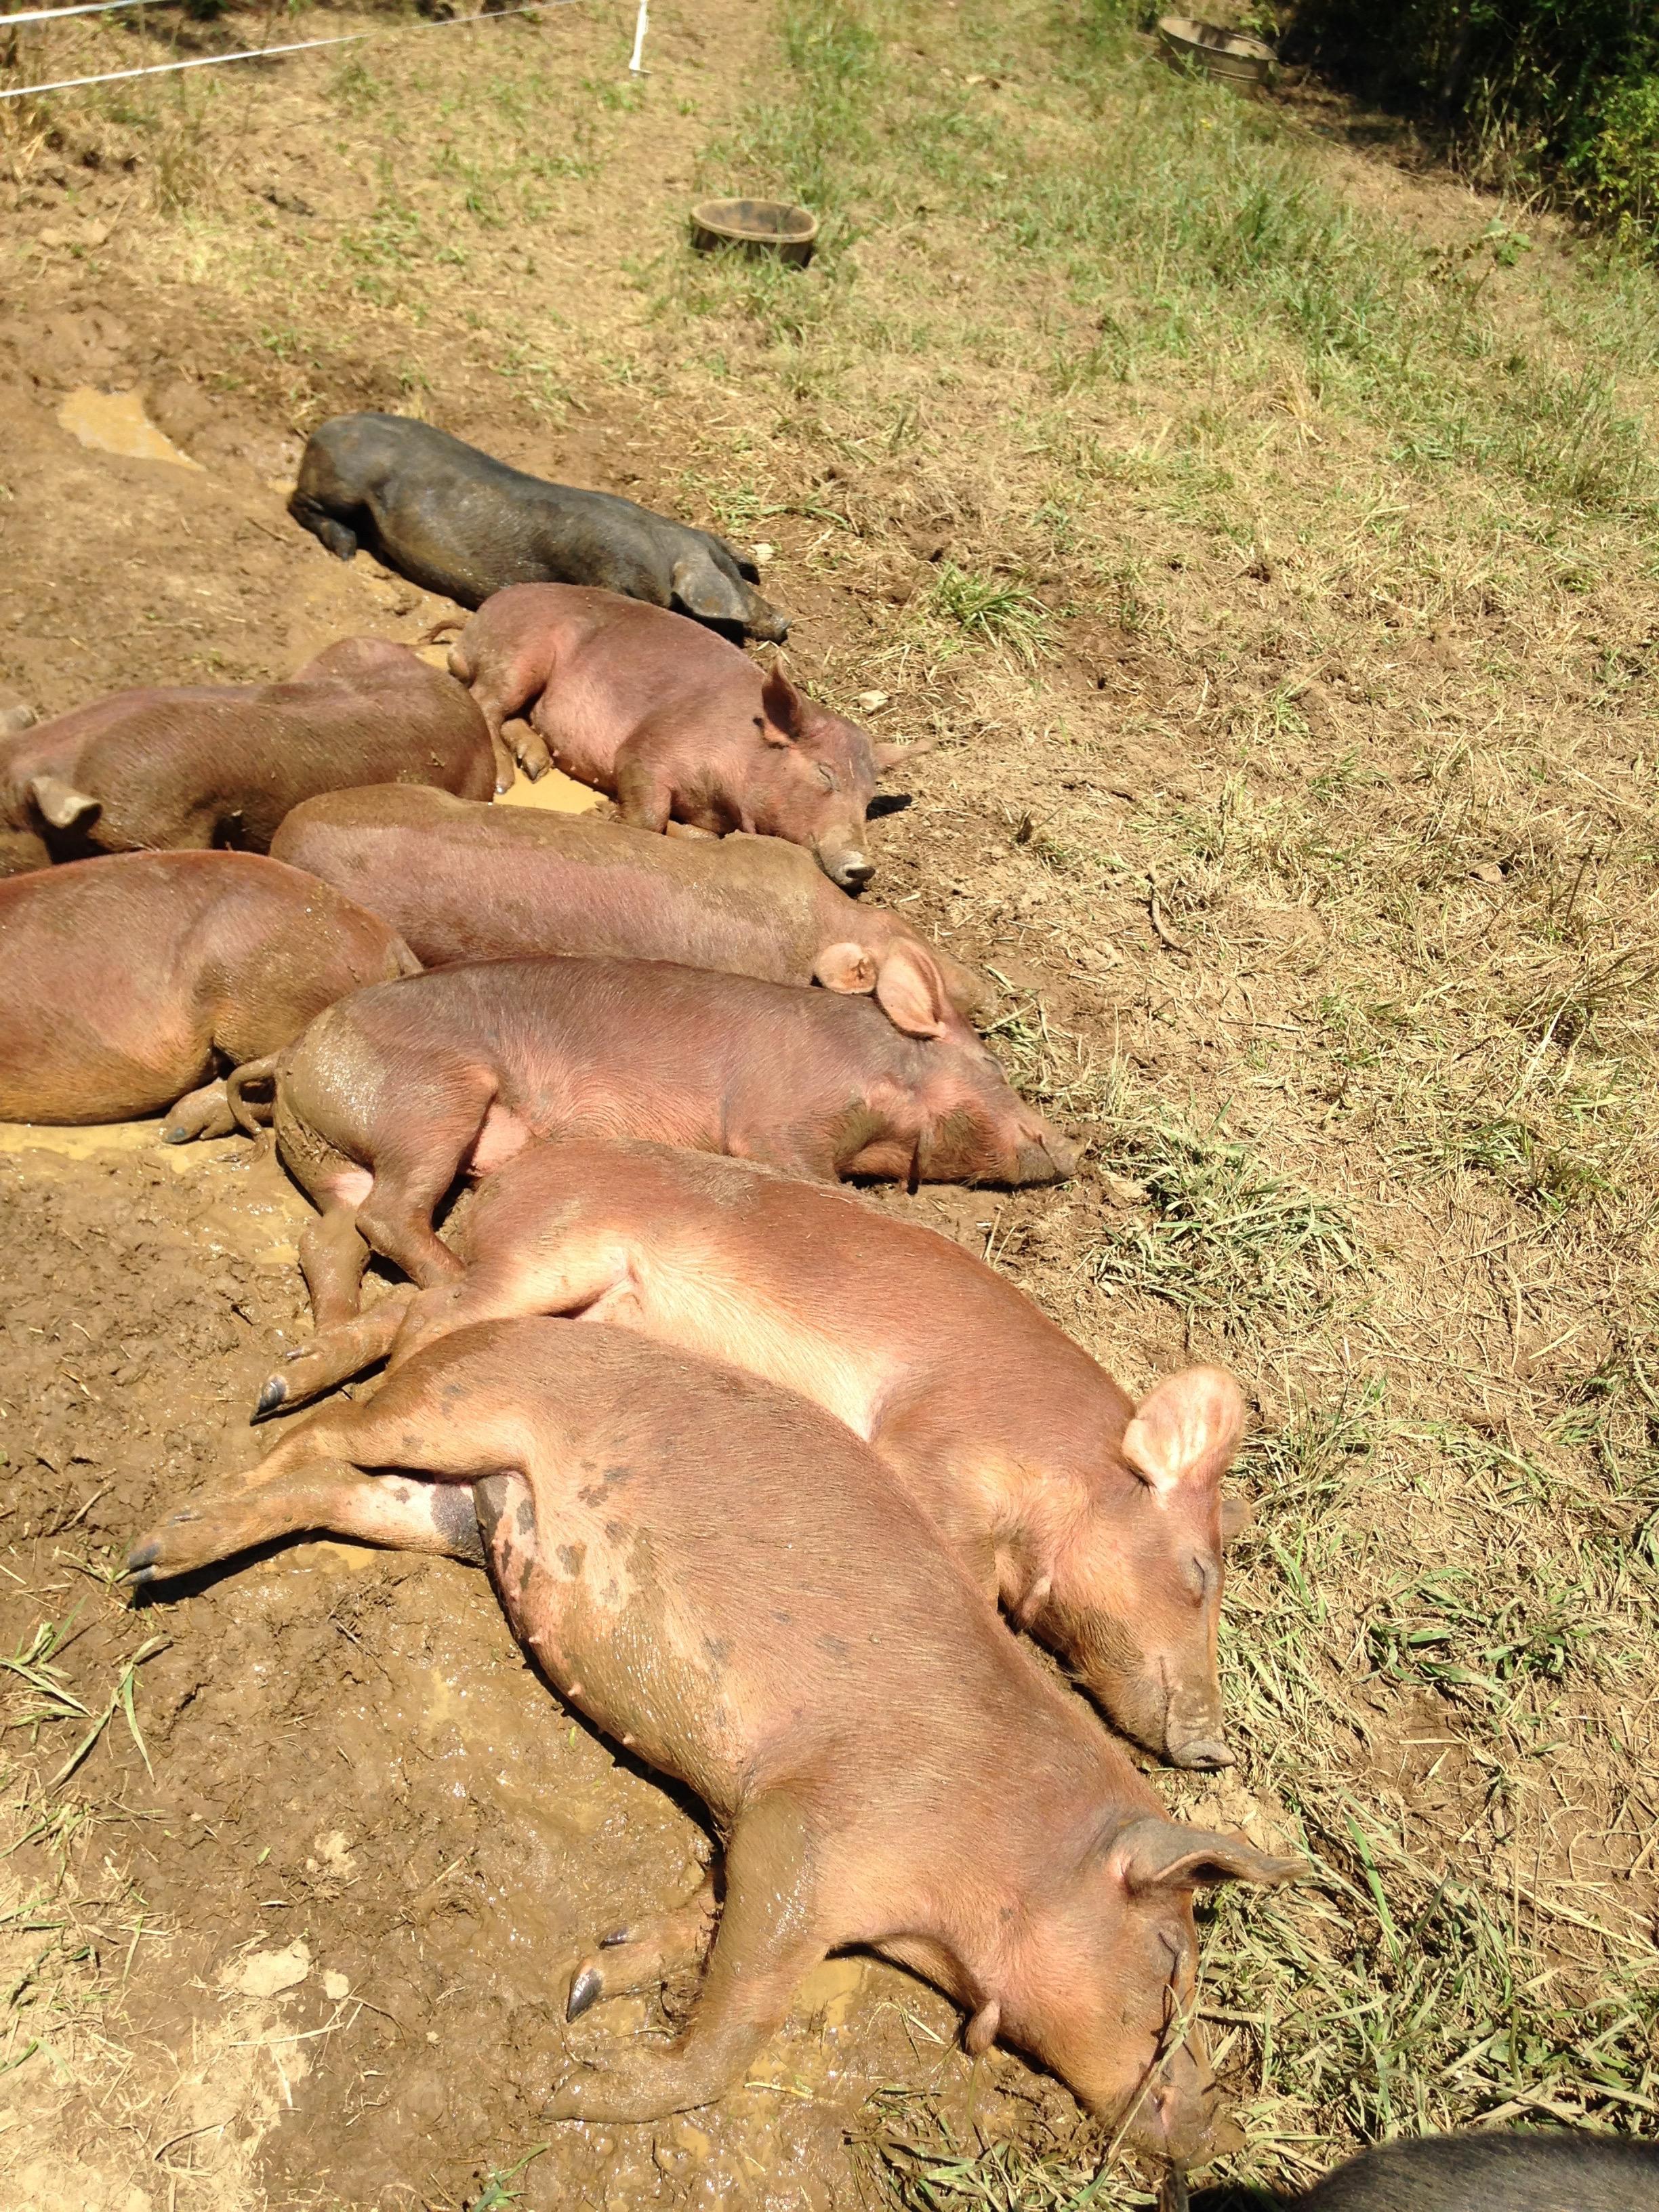 pigs5.jpg